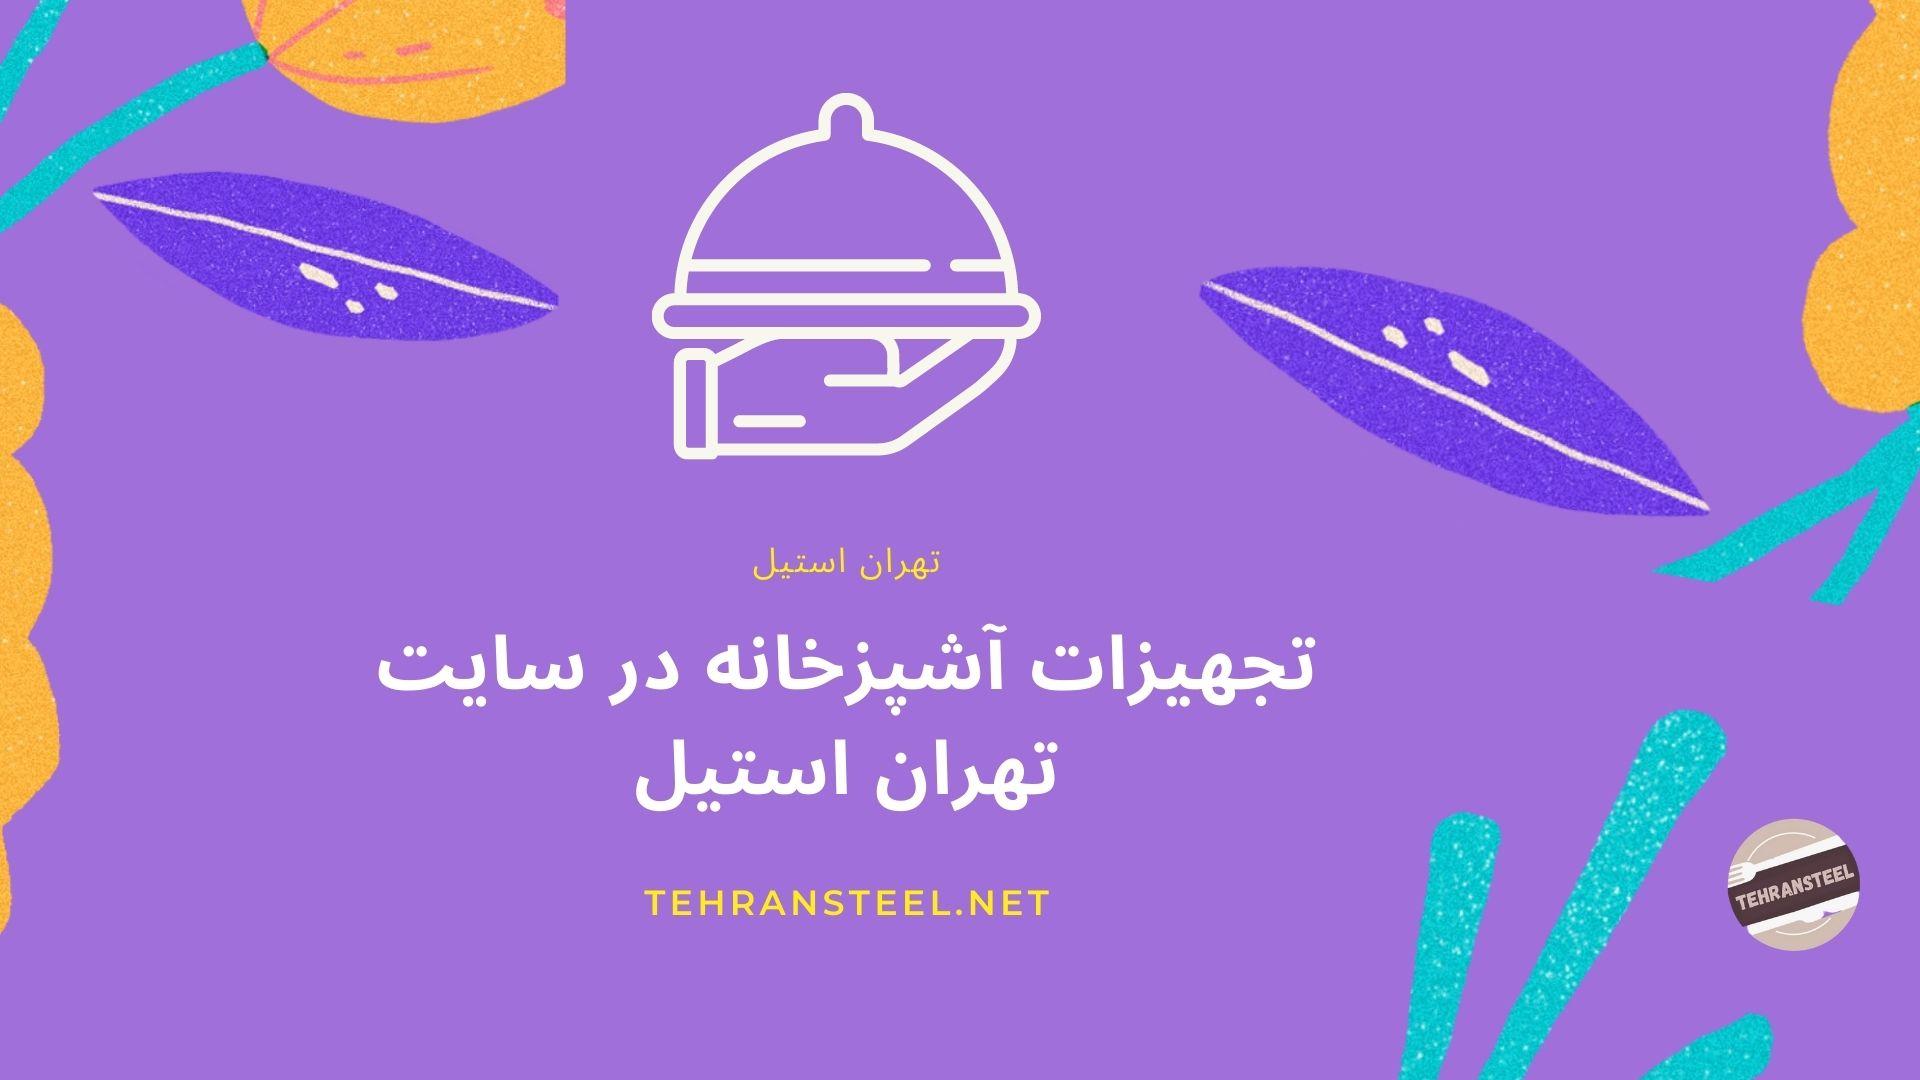 تجهیزات آشپزخانه در سایت تهران استیل